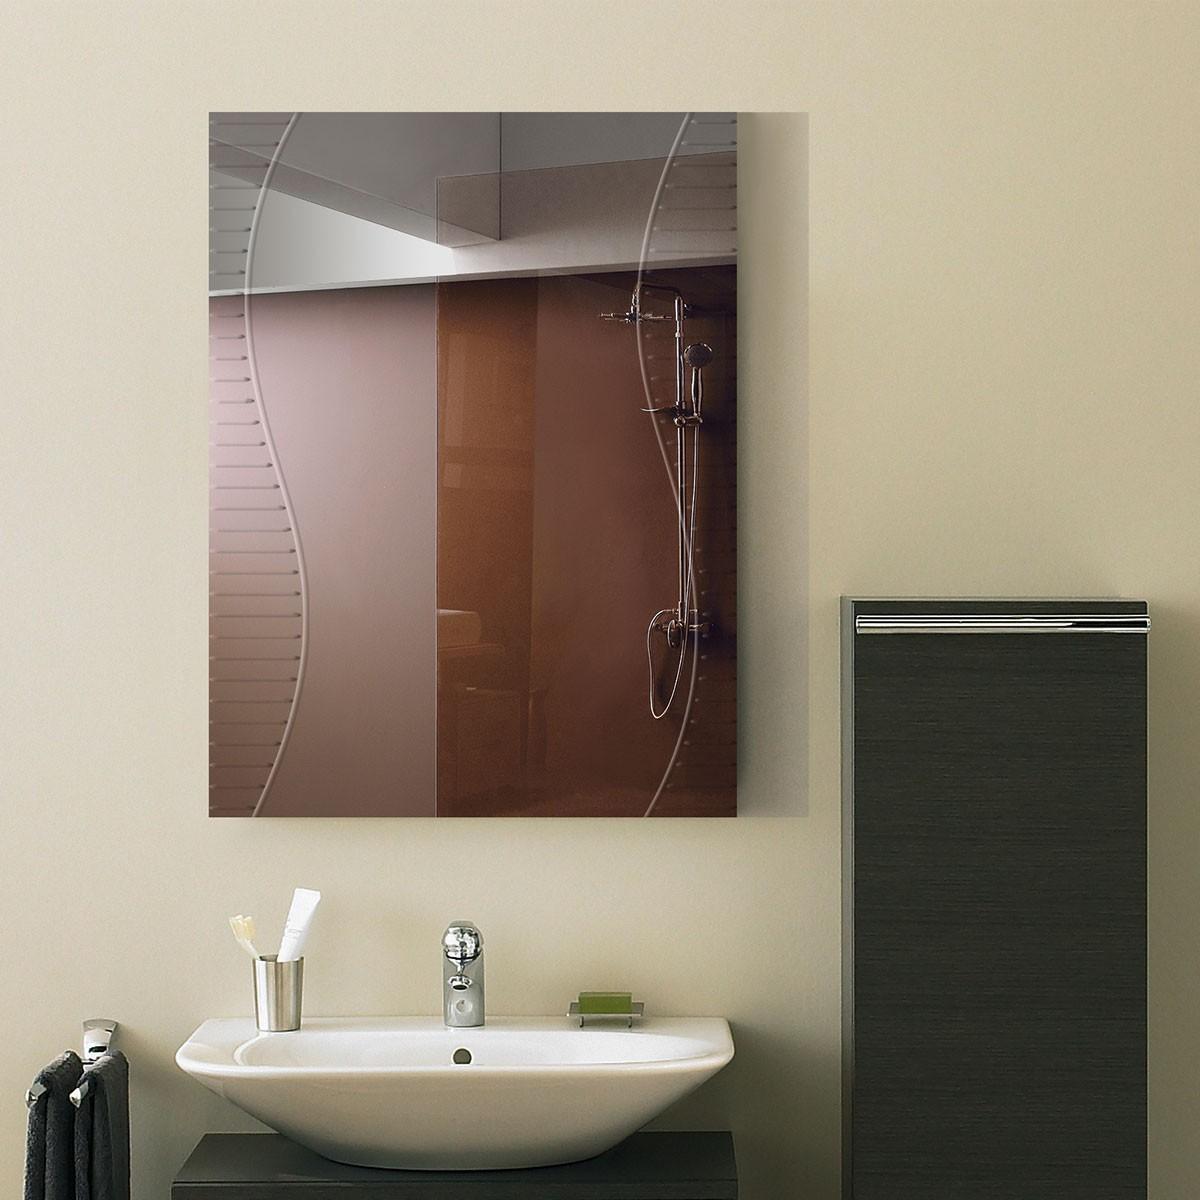 24 x 18 po miroir mural salle de bain classique rectangulaire sans cadre accrochage vertical. Black Bedroom Furniture Sets. Home Design Ideas